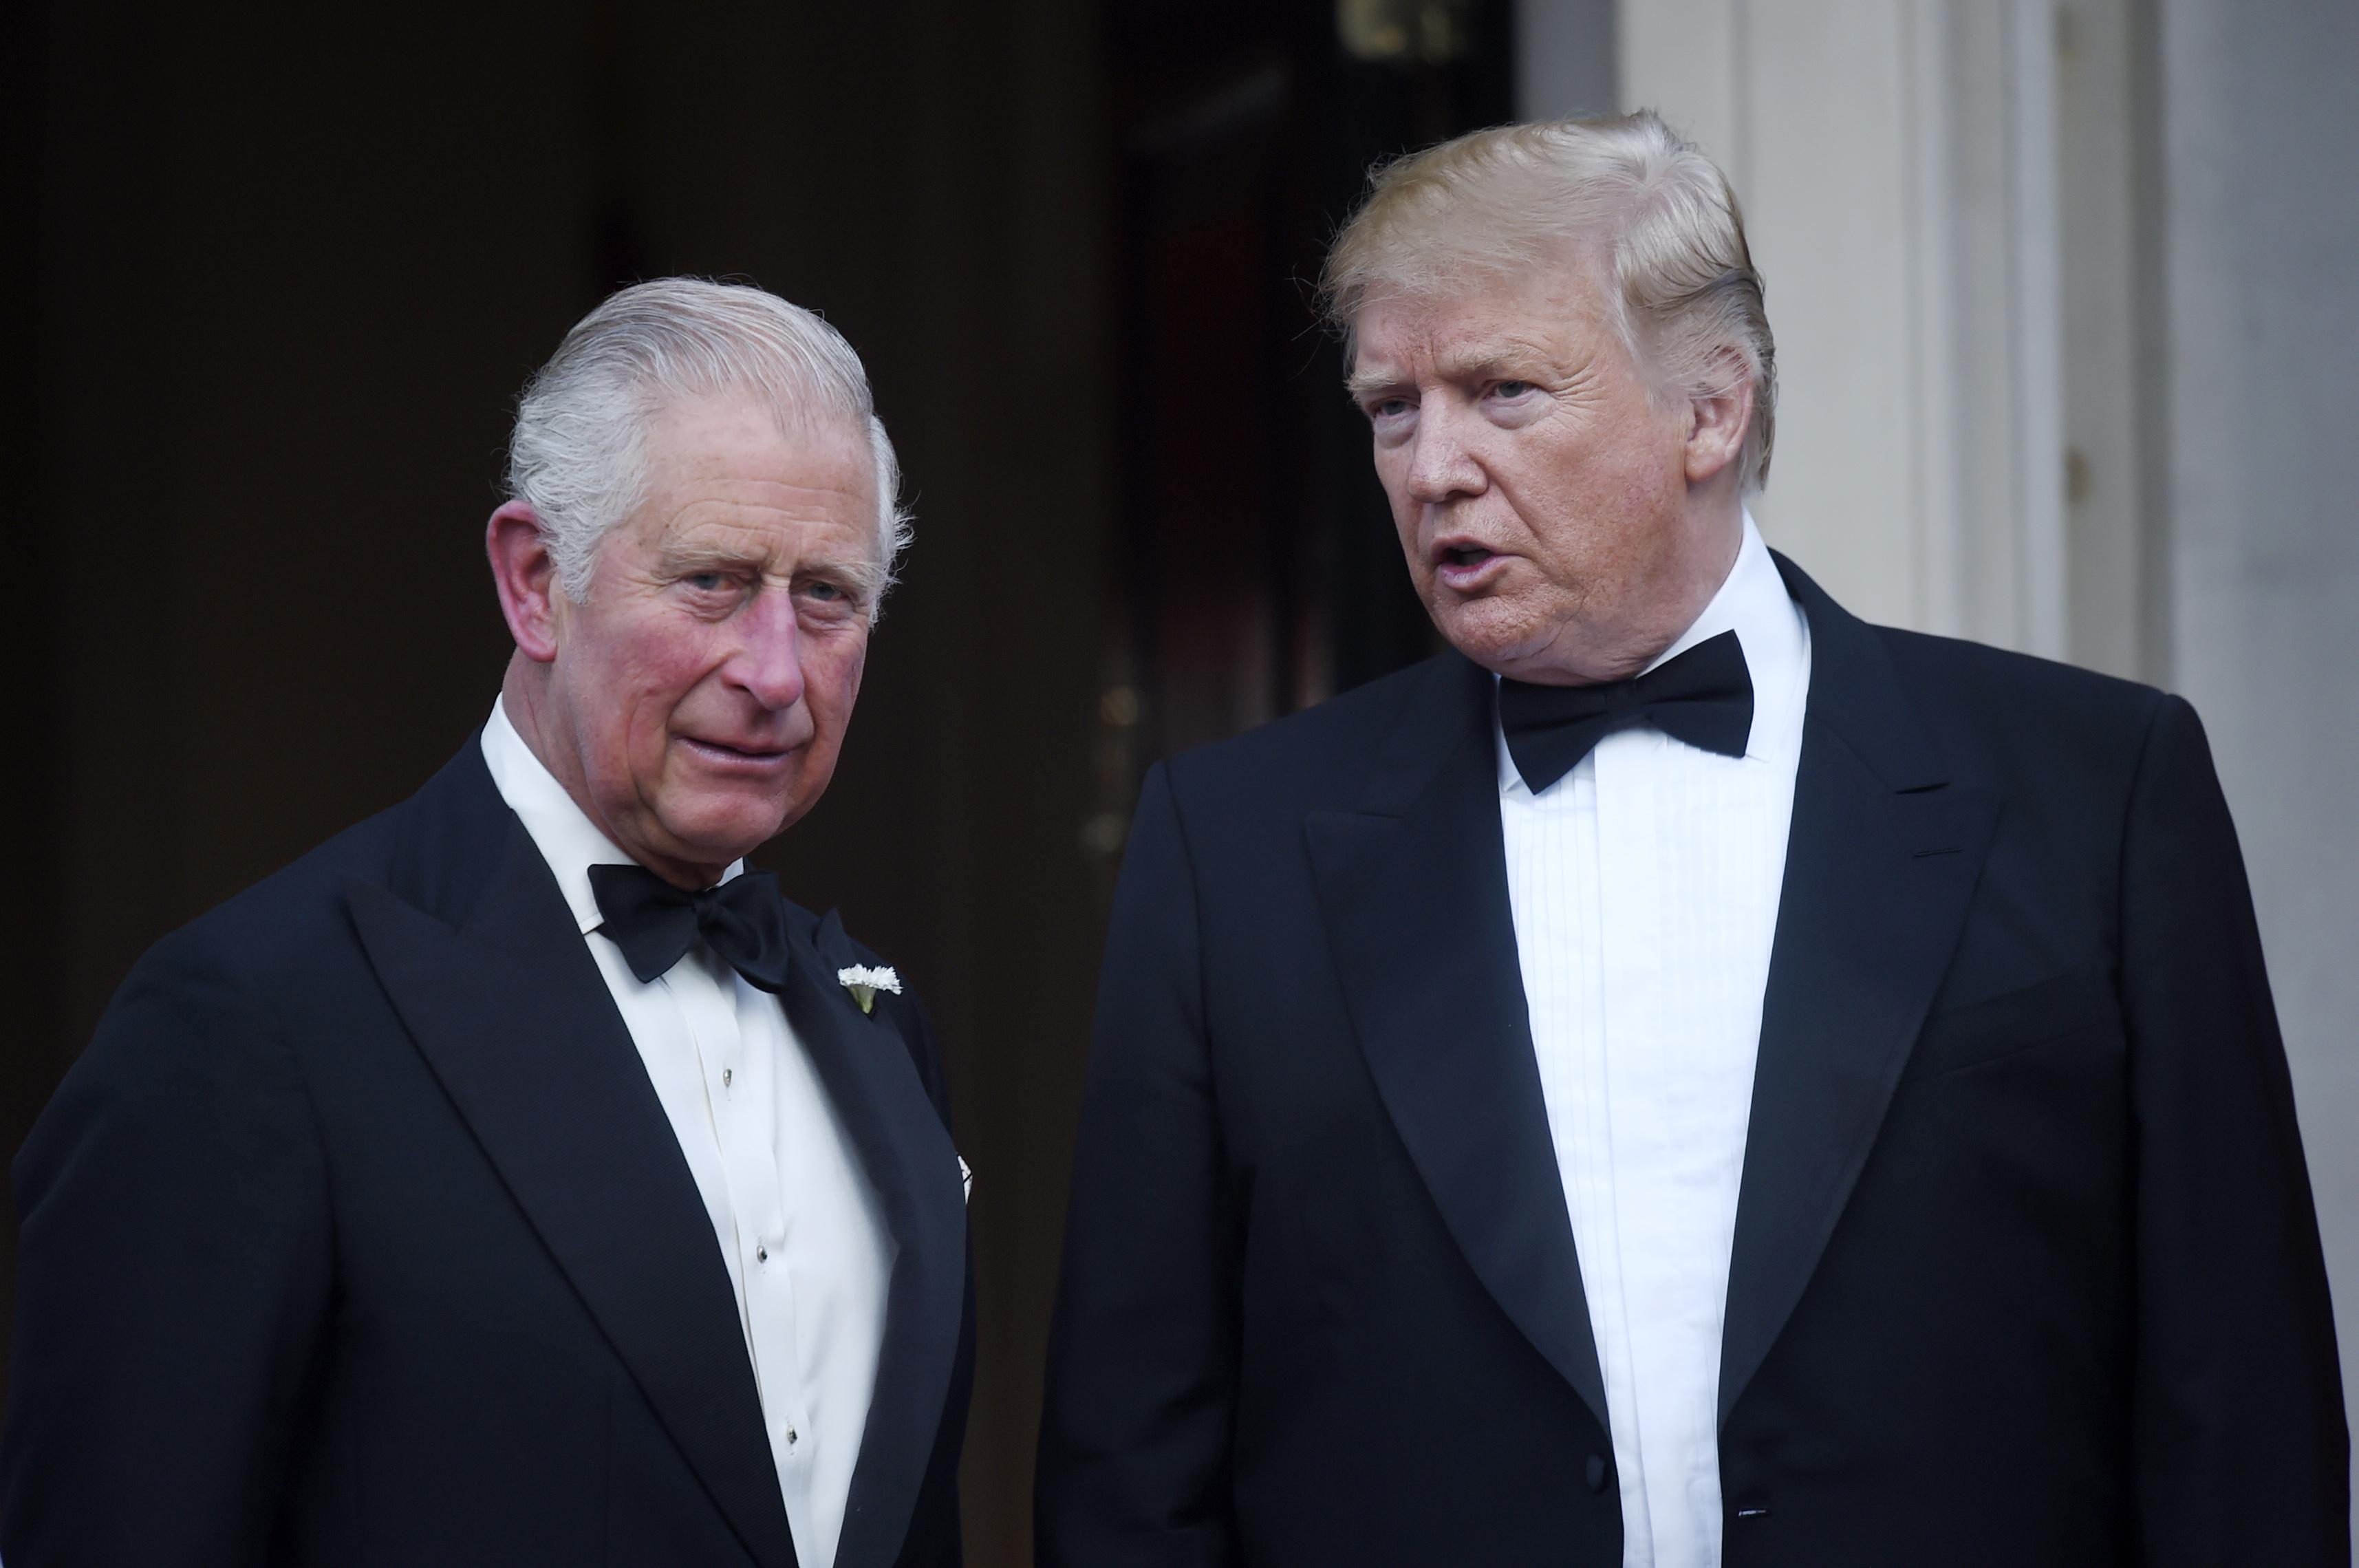 مرکزی لندن میں ونڈف ہاؤس میں پرنس چارلس منگل کو شام کے صدر ٹرمپ سے ملاقات کرتے ہیں.